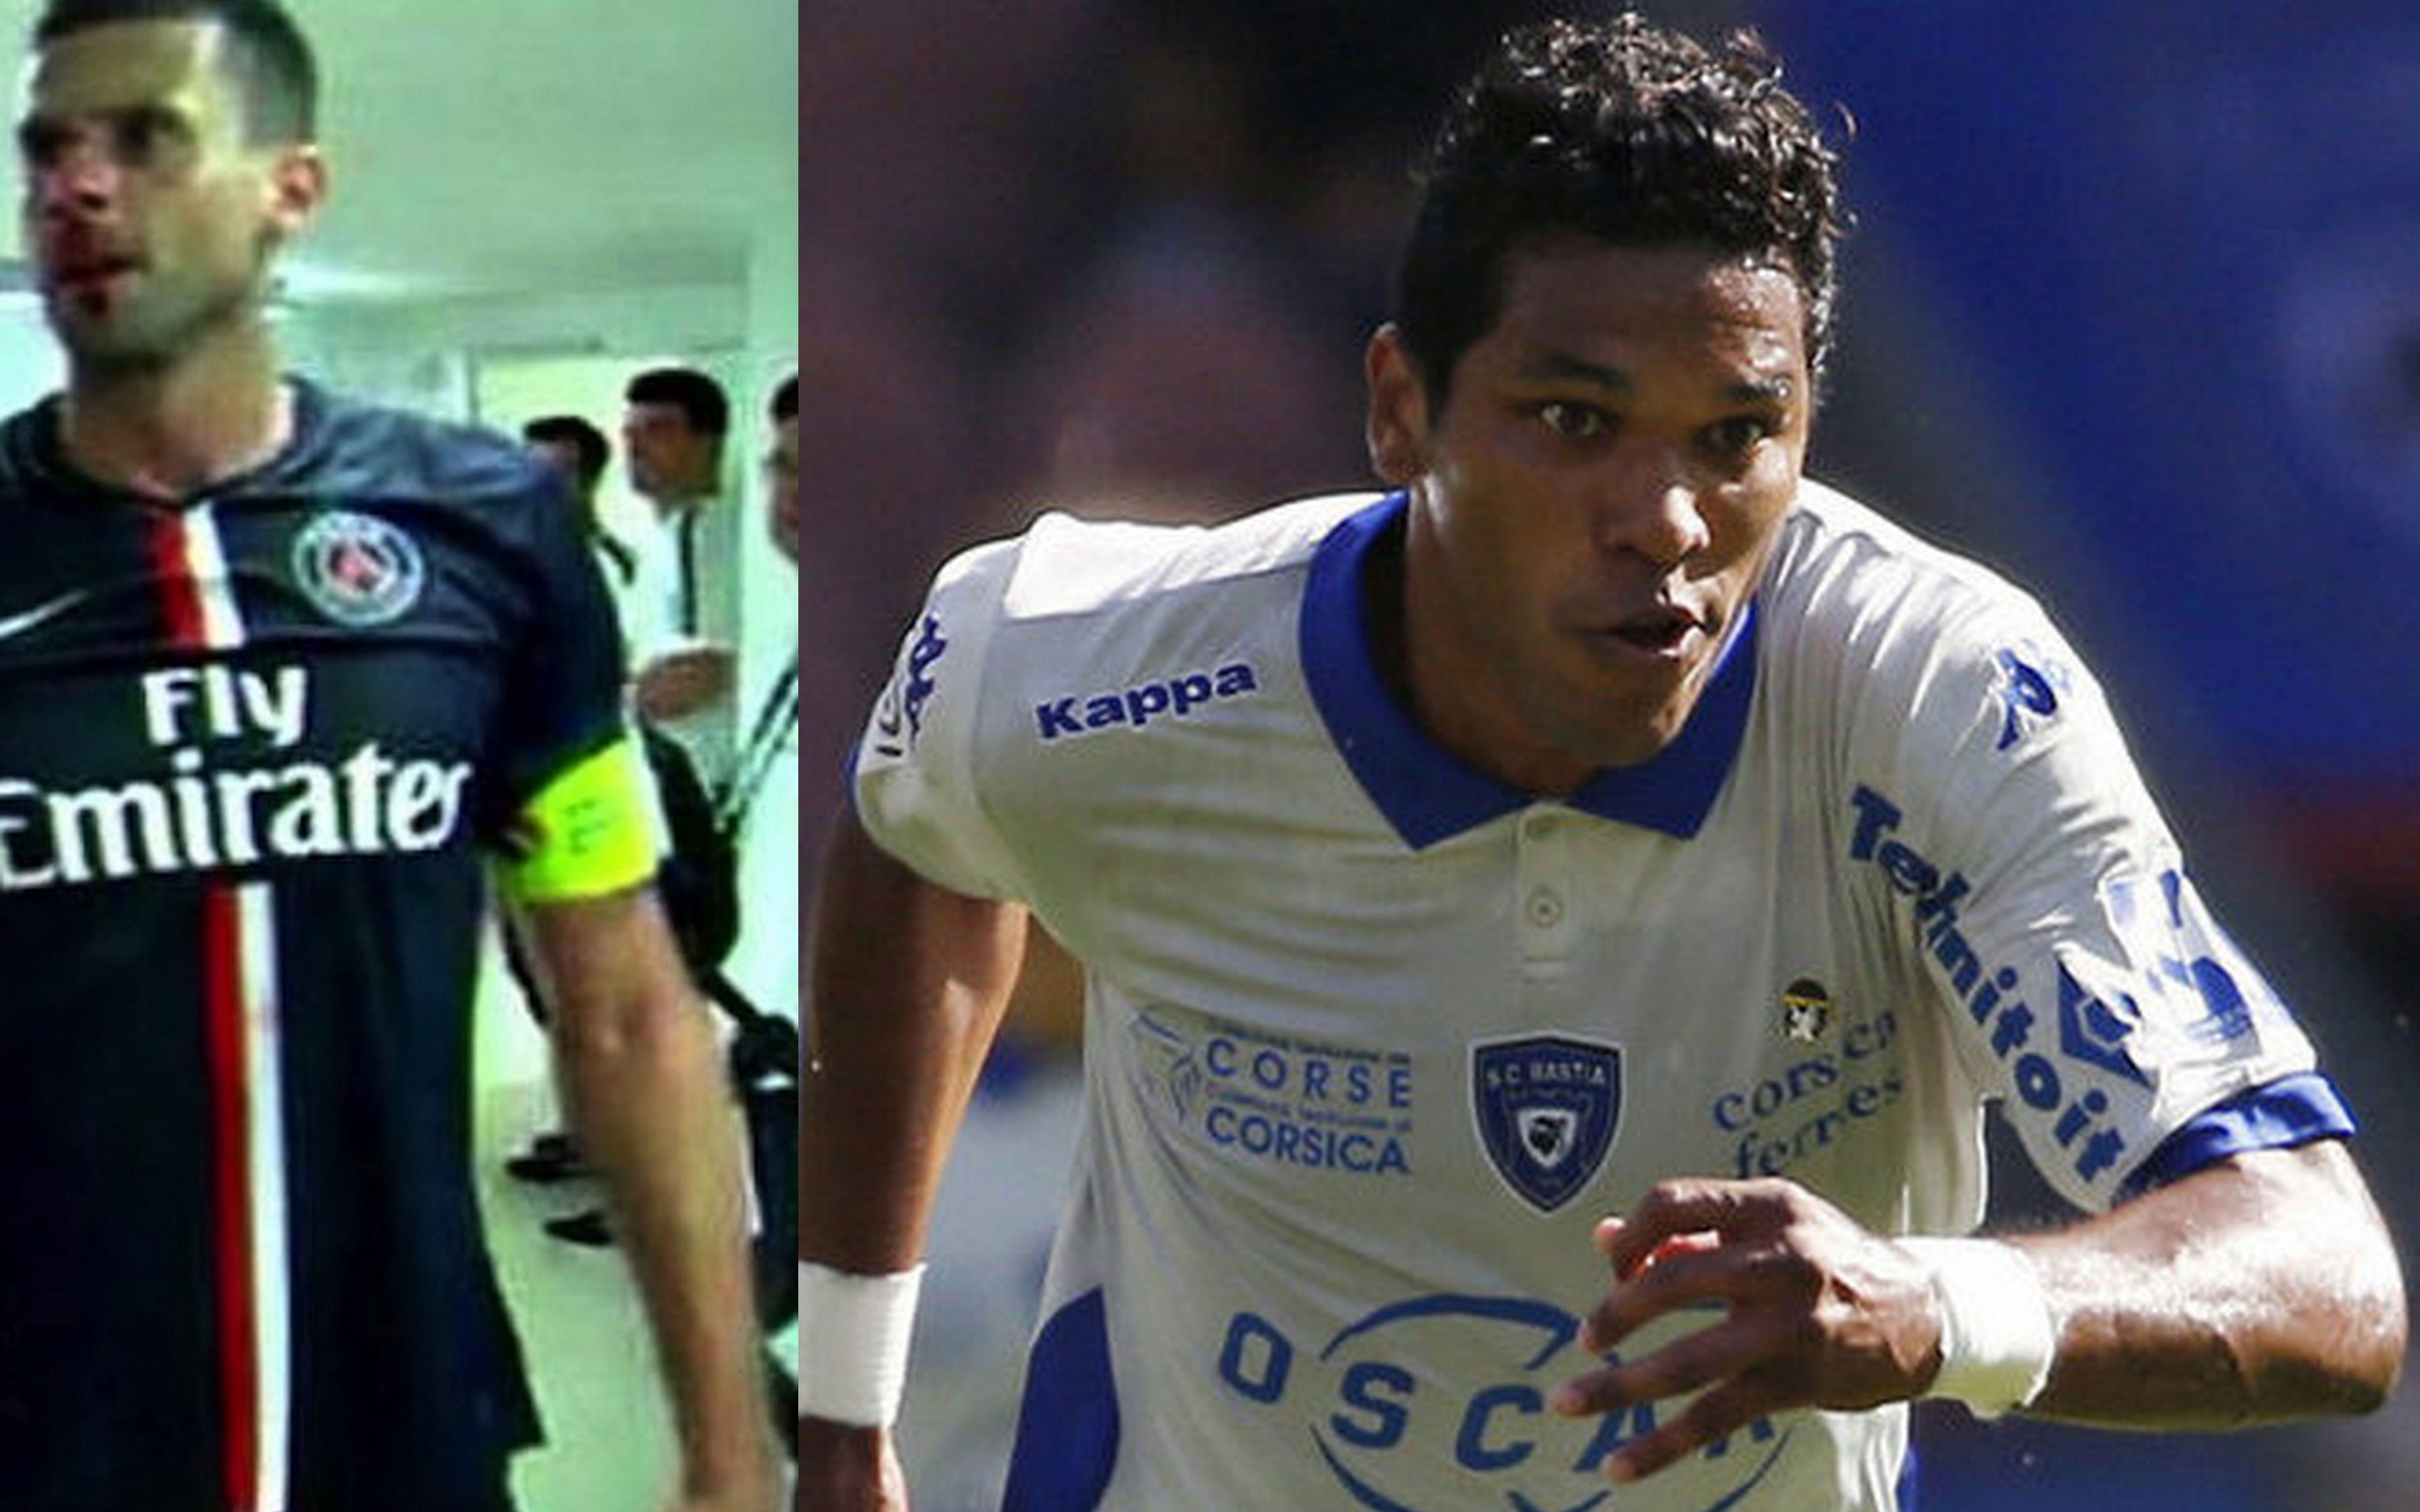 Bastia's front-man Brandao sentenced to one month jail for headbutting PSG's Thiago Motta